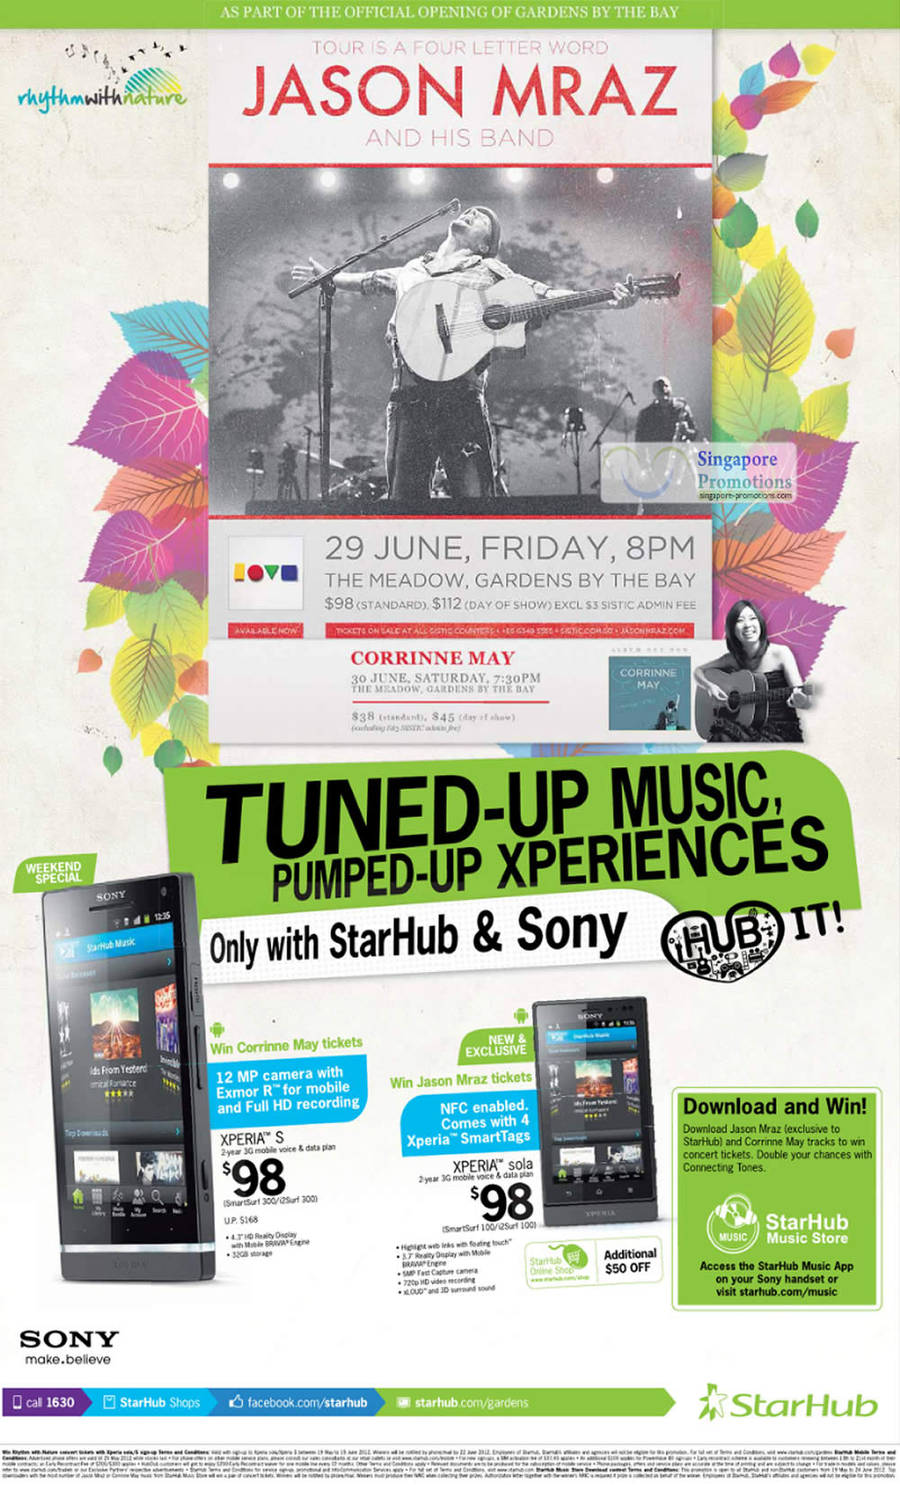 Sony Xperia S, Sony Xperia Sola